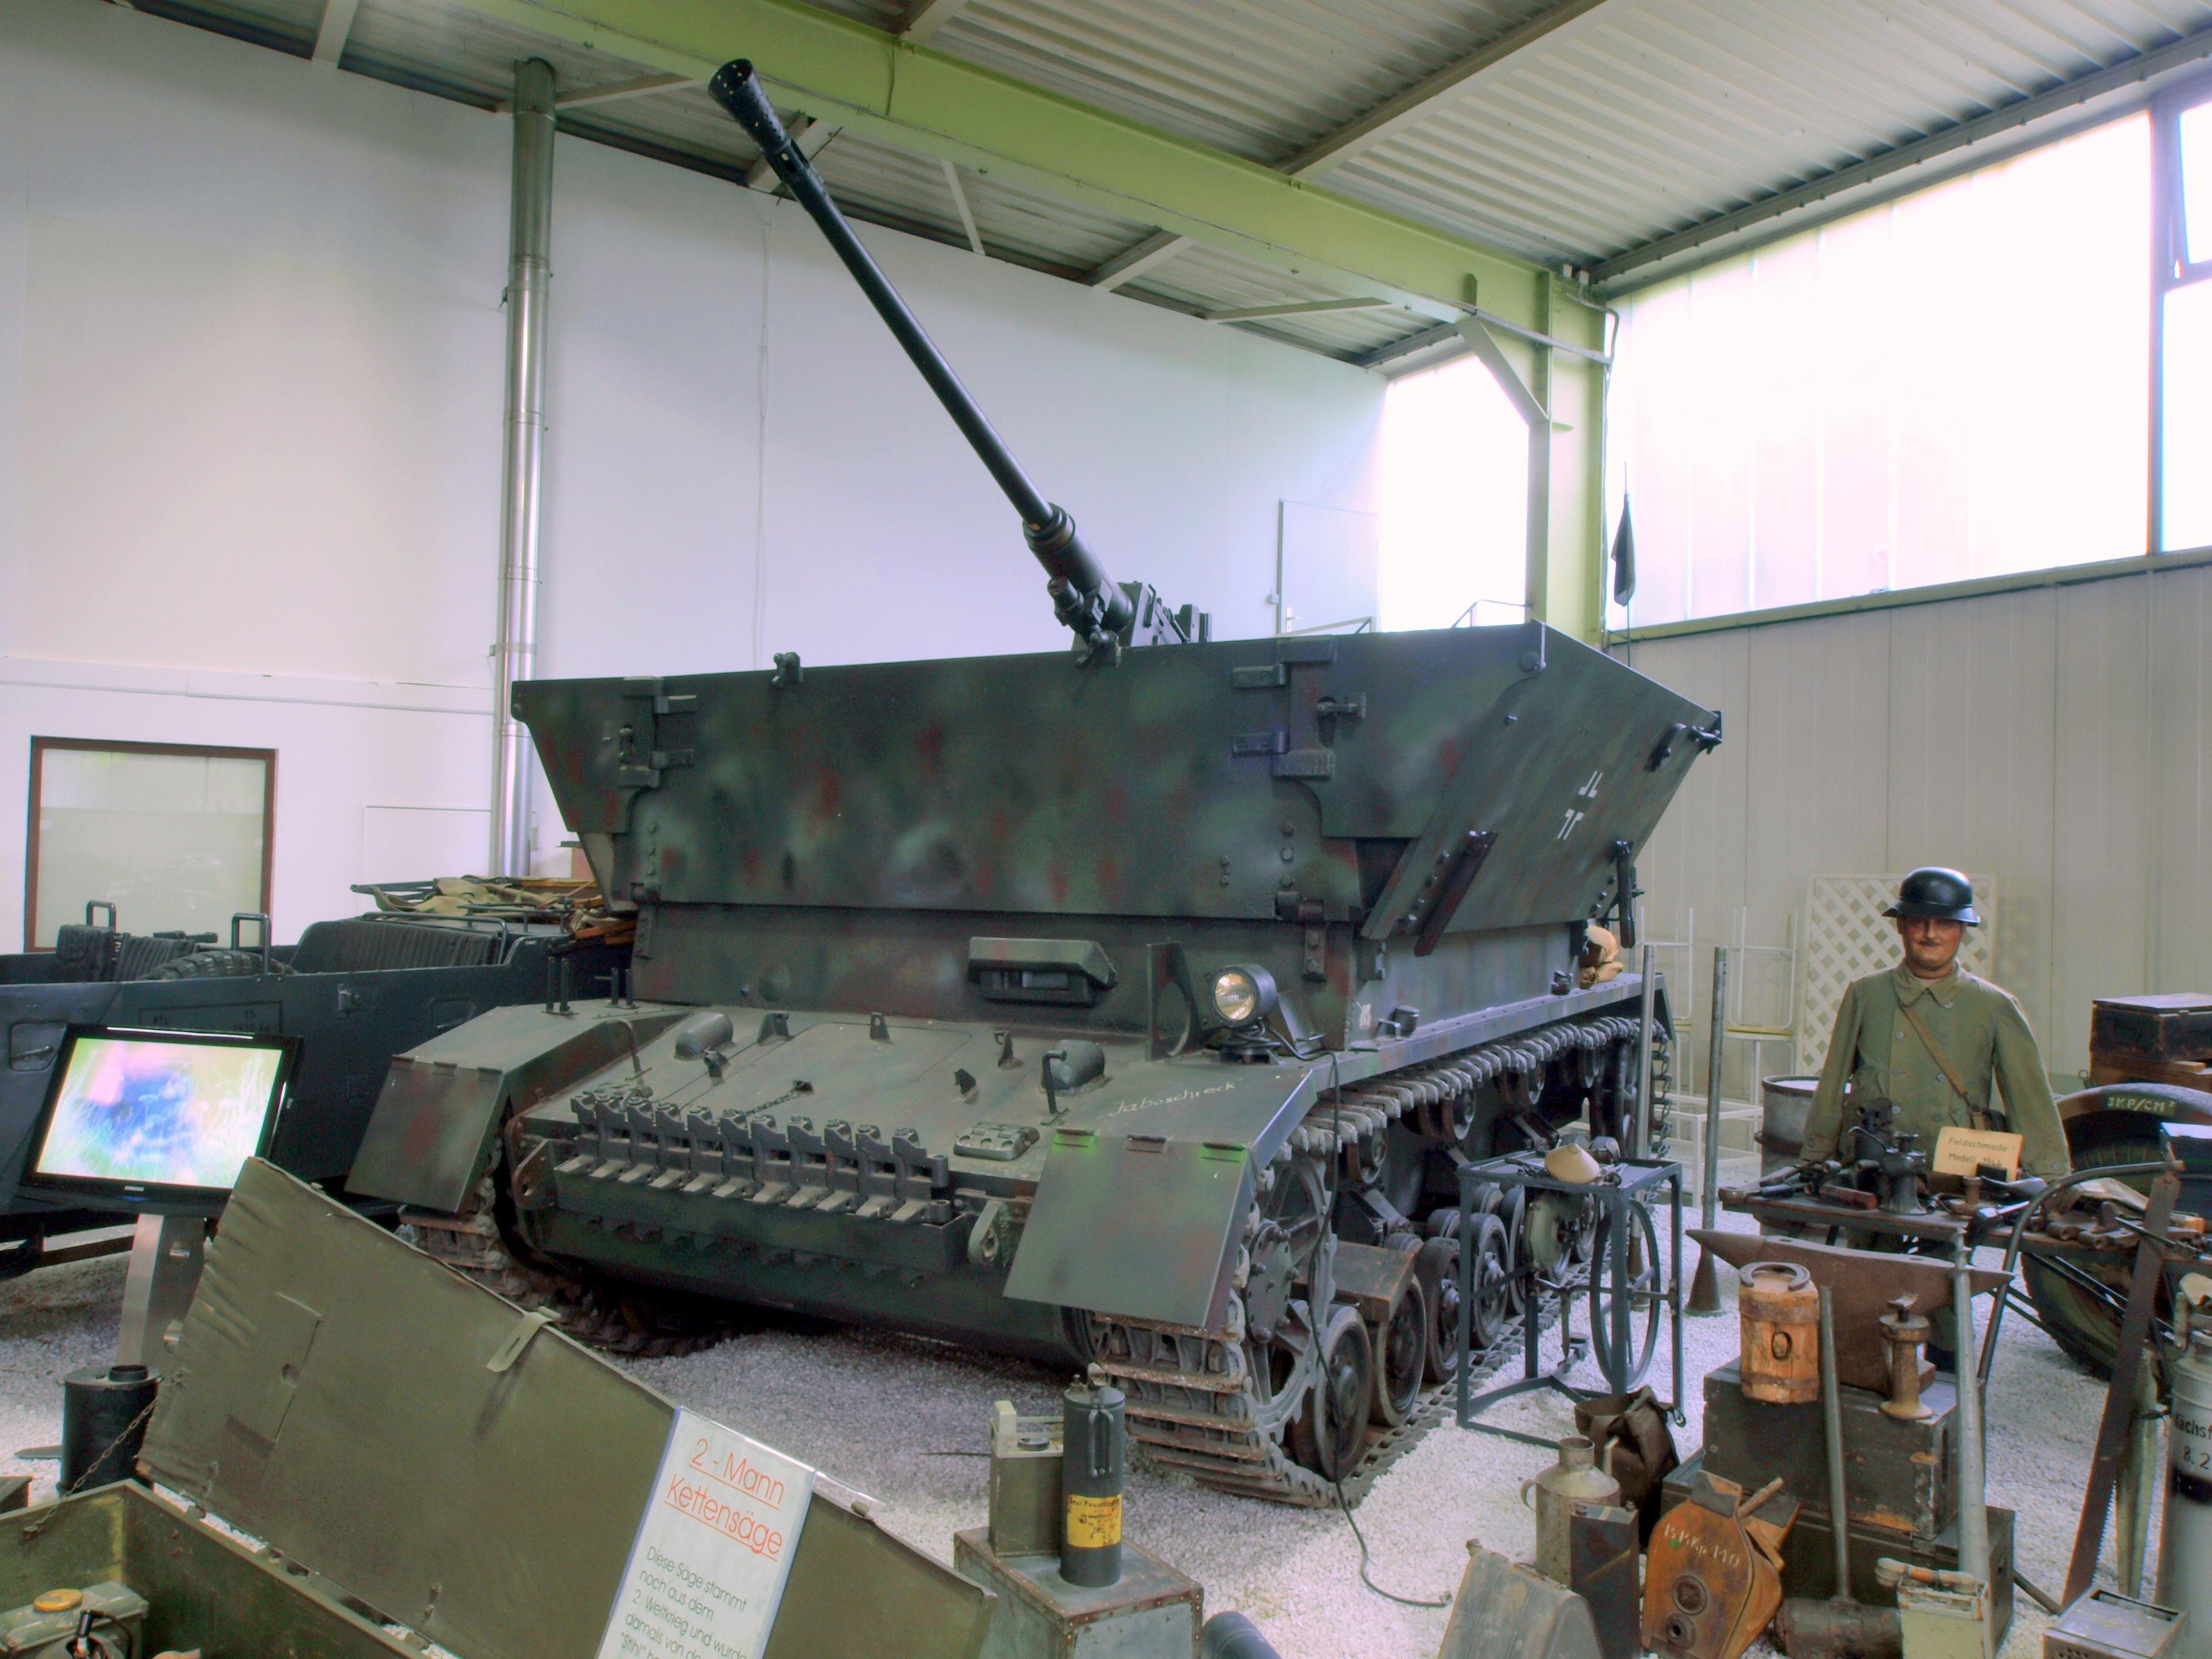 3,7_cm_Flakpanzer_IV_M%C3%B6belwagen_pic